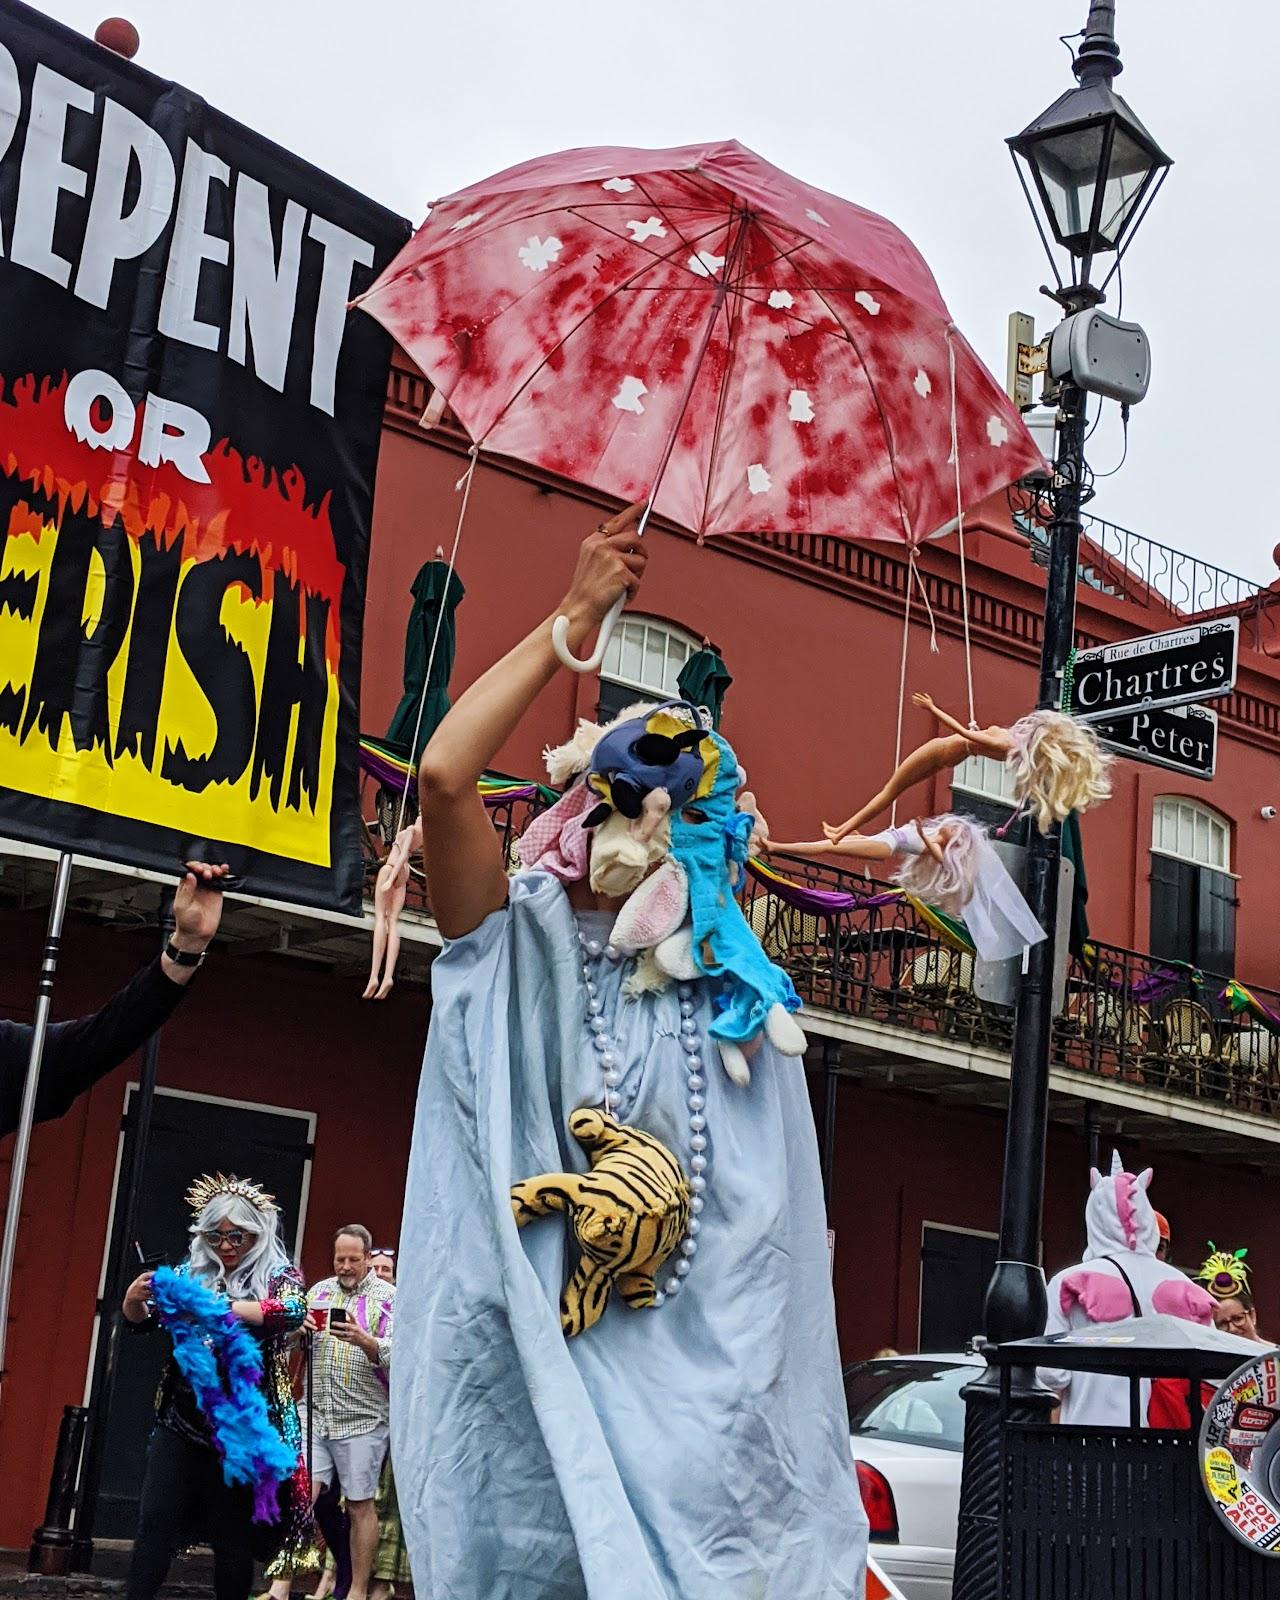 תחפושת מצעד מארדי גרא mardi gras ניו אורלינס מה לעשות איפה לישון